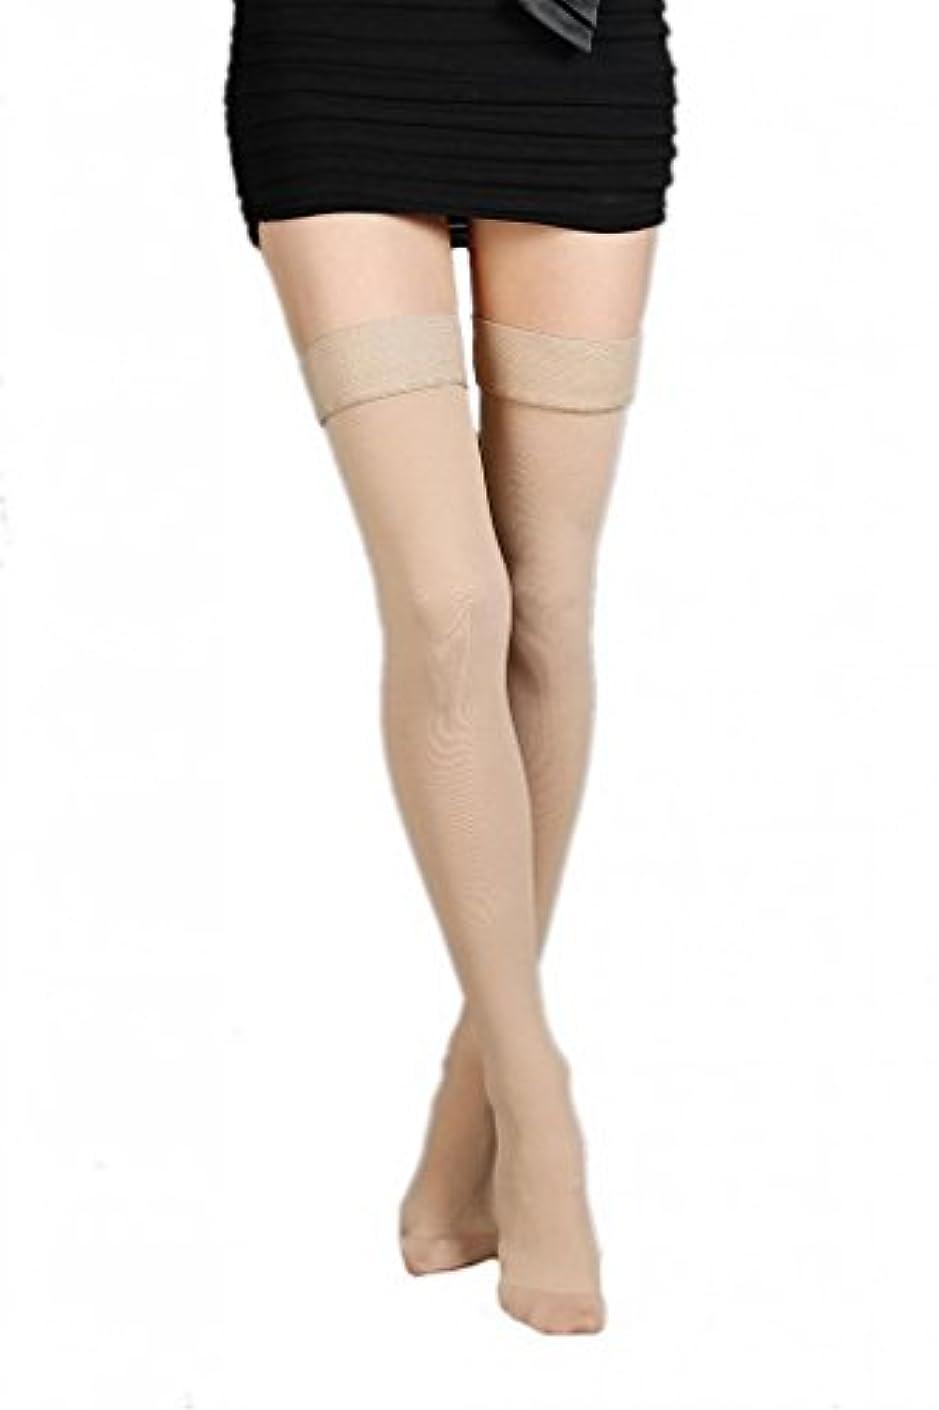 なめらかかけがえのない刑務所(ラボーグ)La Vogue 美脚 着圧オーバーニーソックス ハイソックス 靴下 弾性ストッキング つま先あり着圧ソックス M 1級低圧 肌色